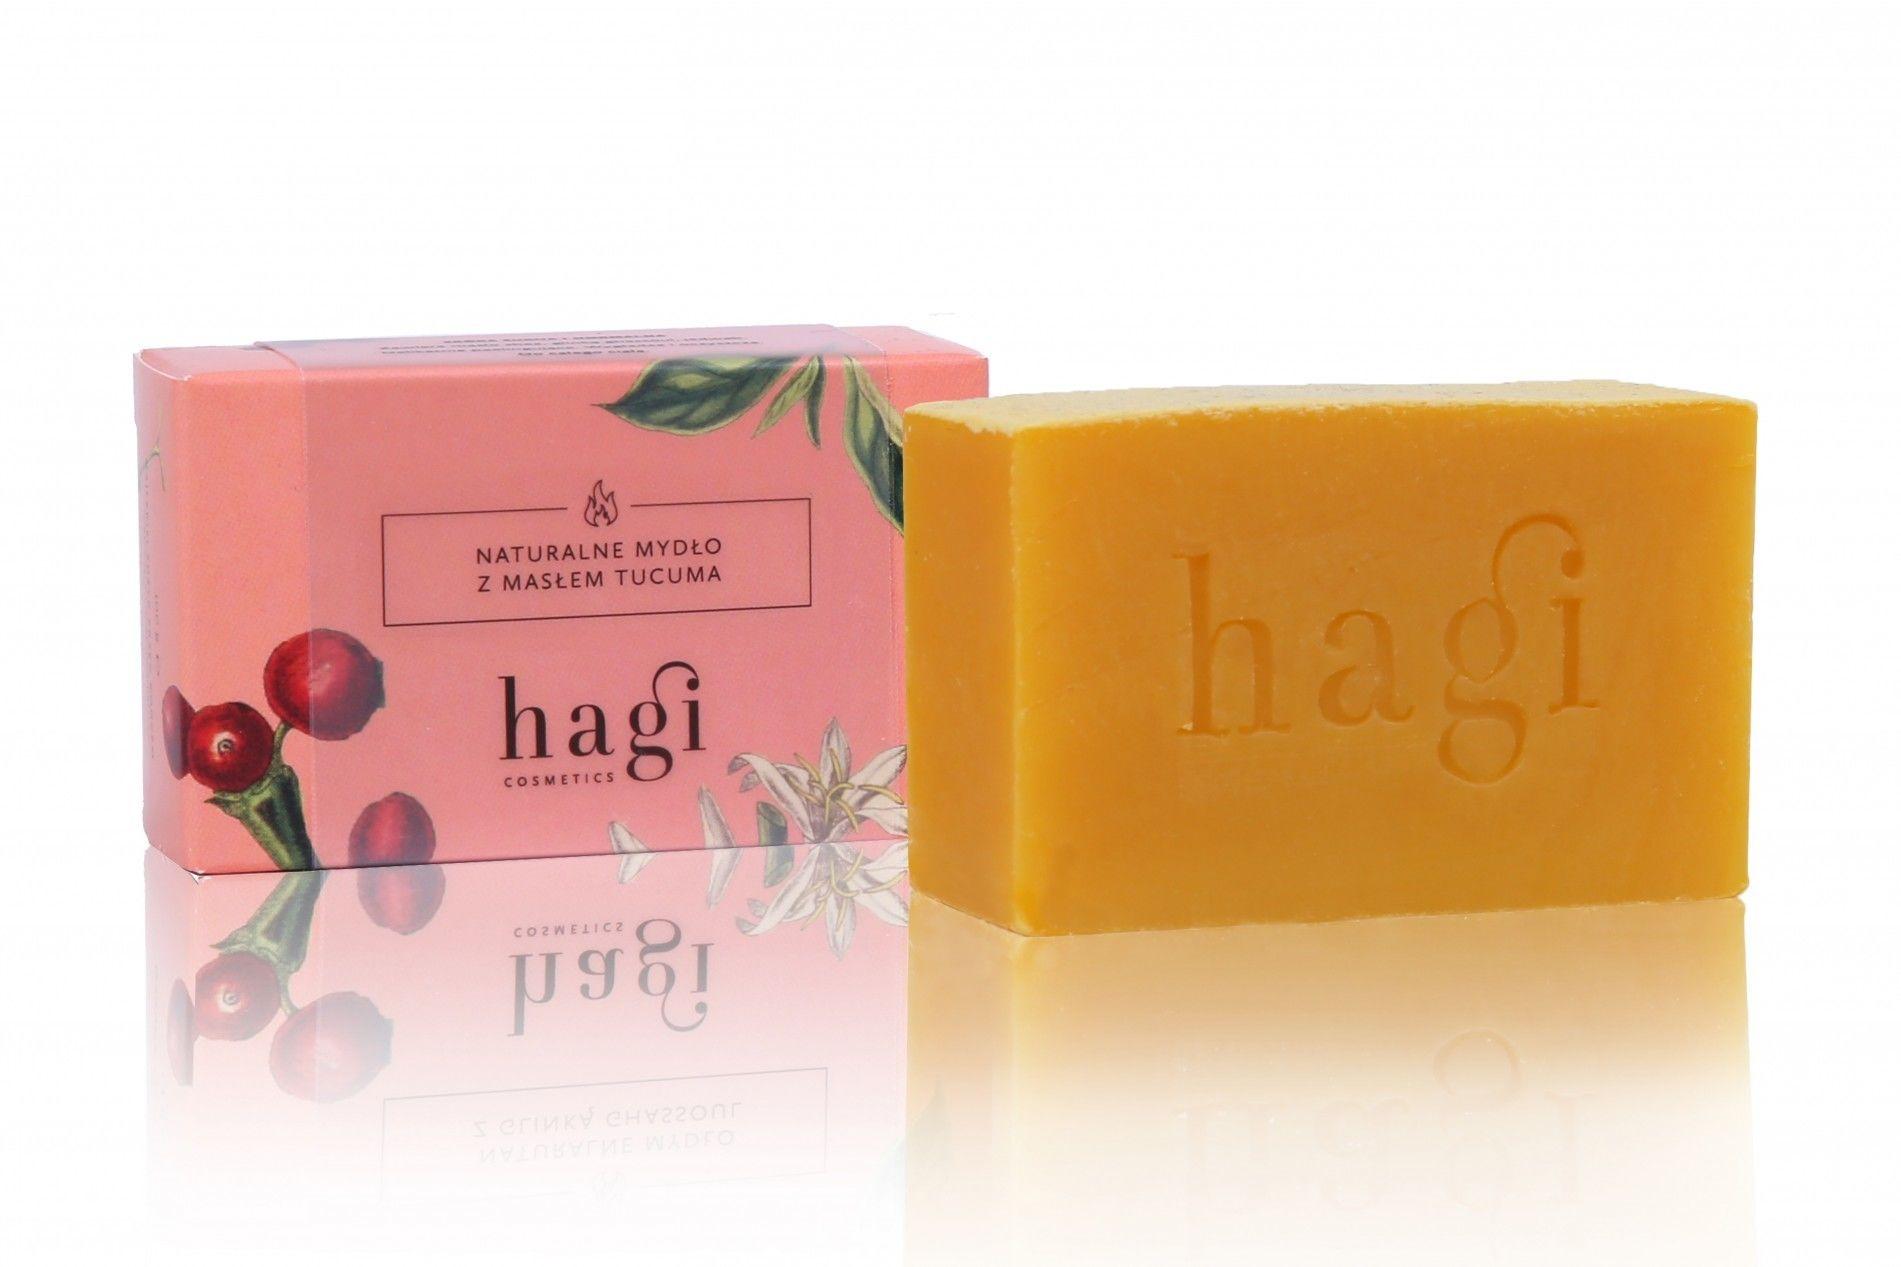 Hagi Naturalne Mydło z Masłem Tucuma Mydło do skóry normalnej 100 g